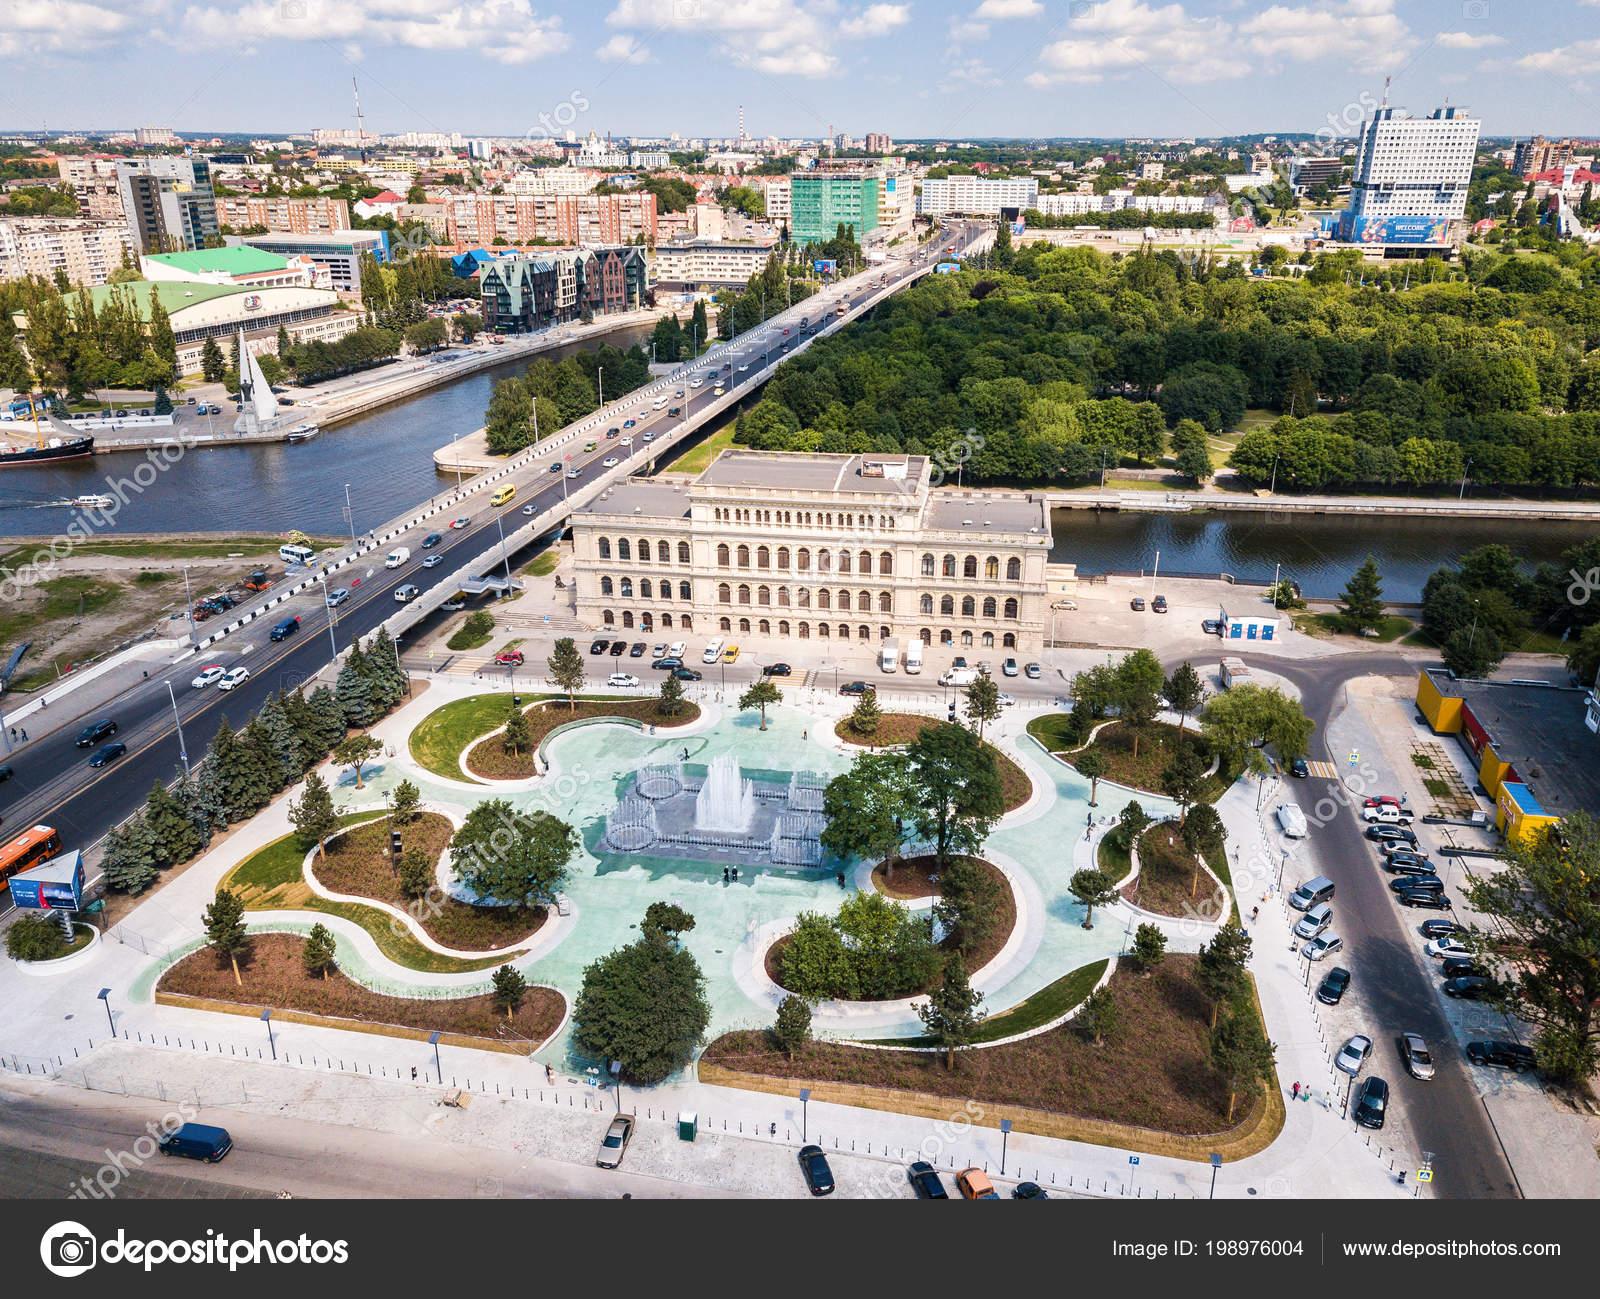 New 2018 in Kaliningrad 61